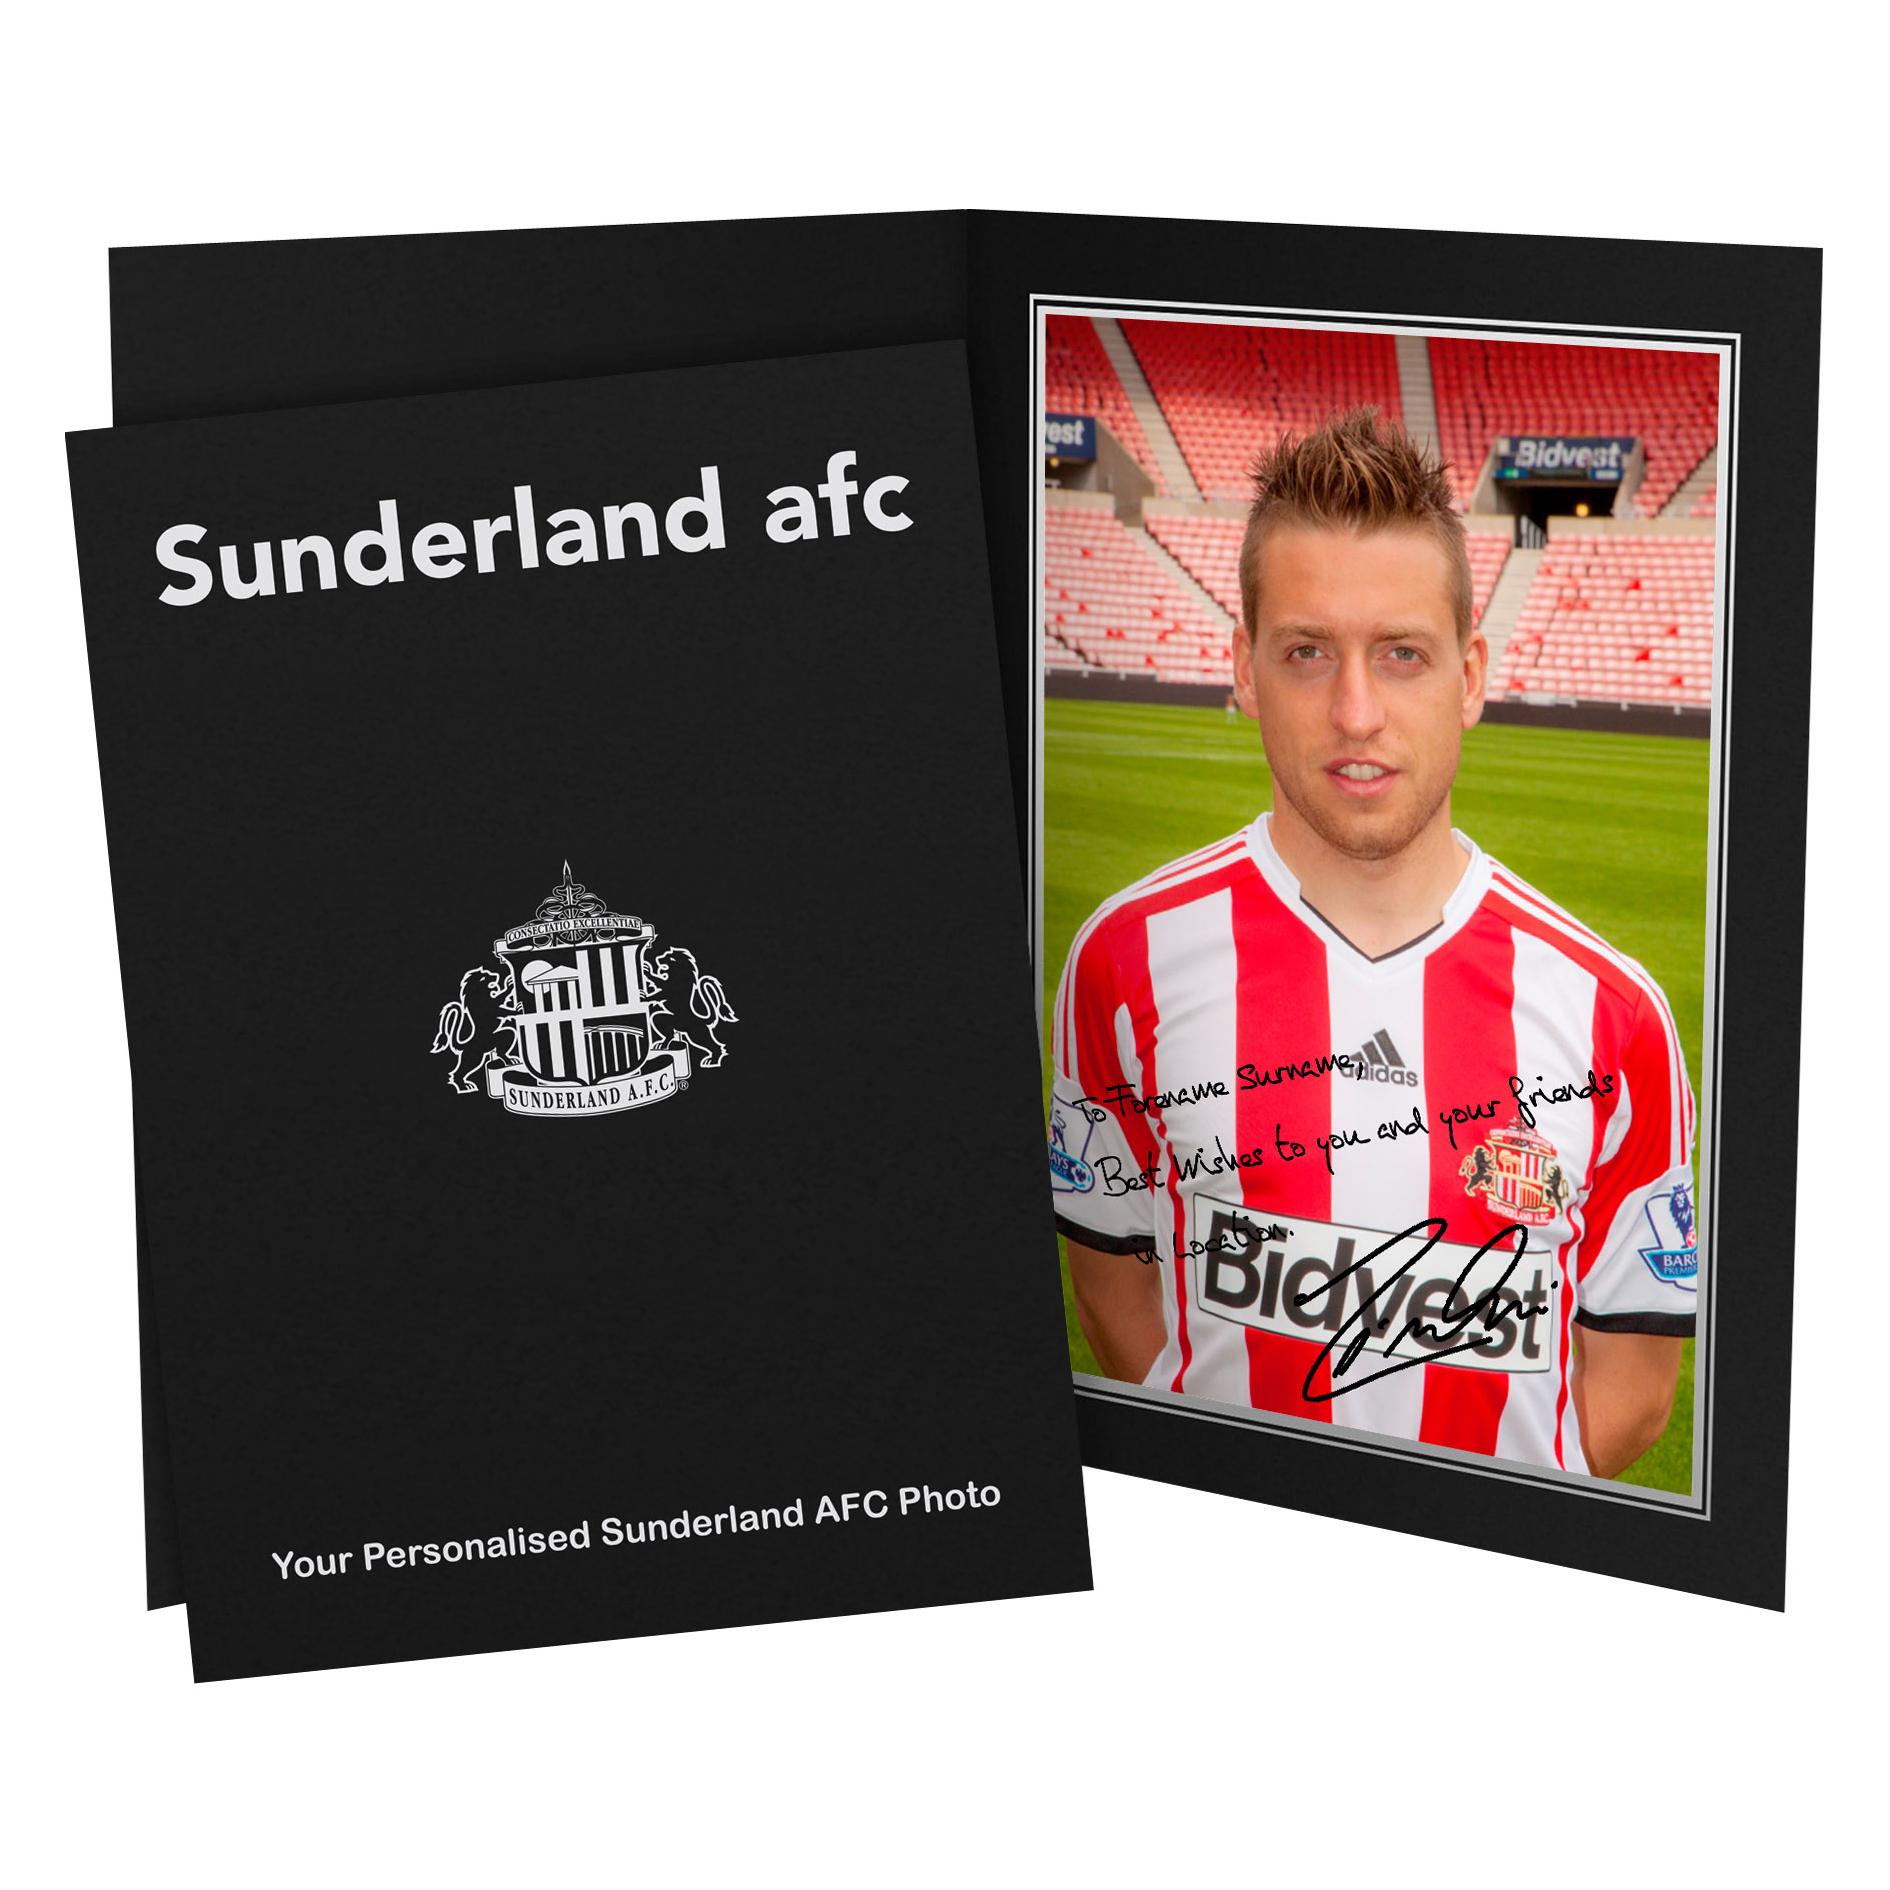 Sunderland Personalised Signature Photo in Presentation Folder - Giaccherini